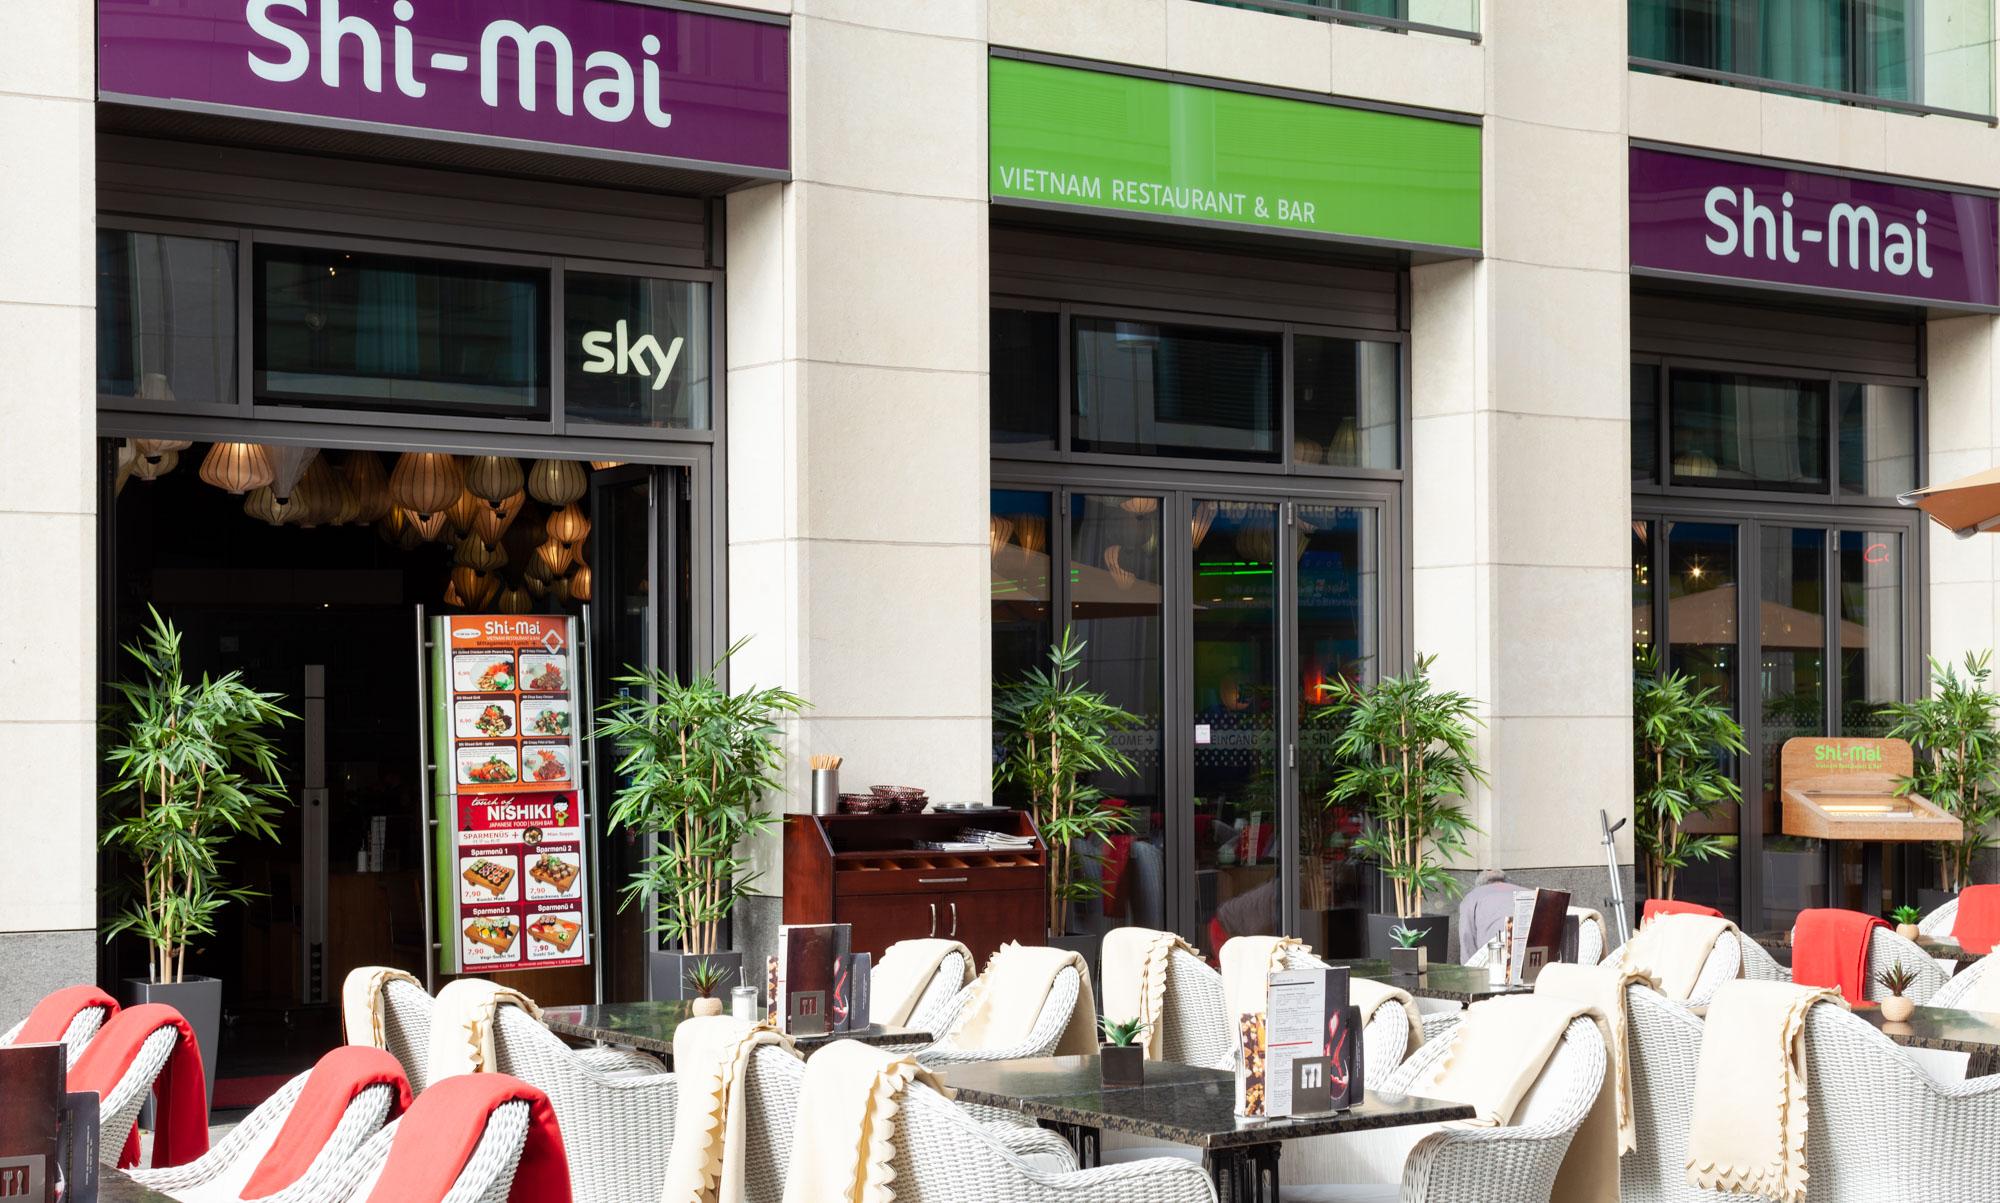 Menu im literaturhaus cafe wintergarten Ihr Restaurant